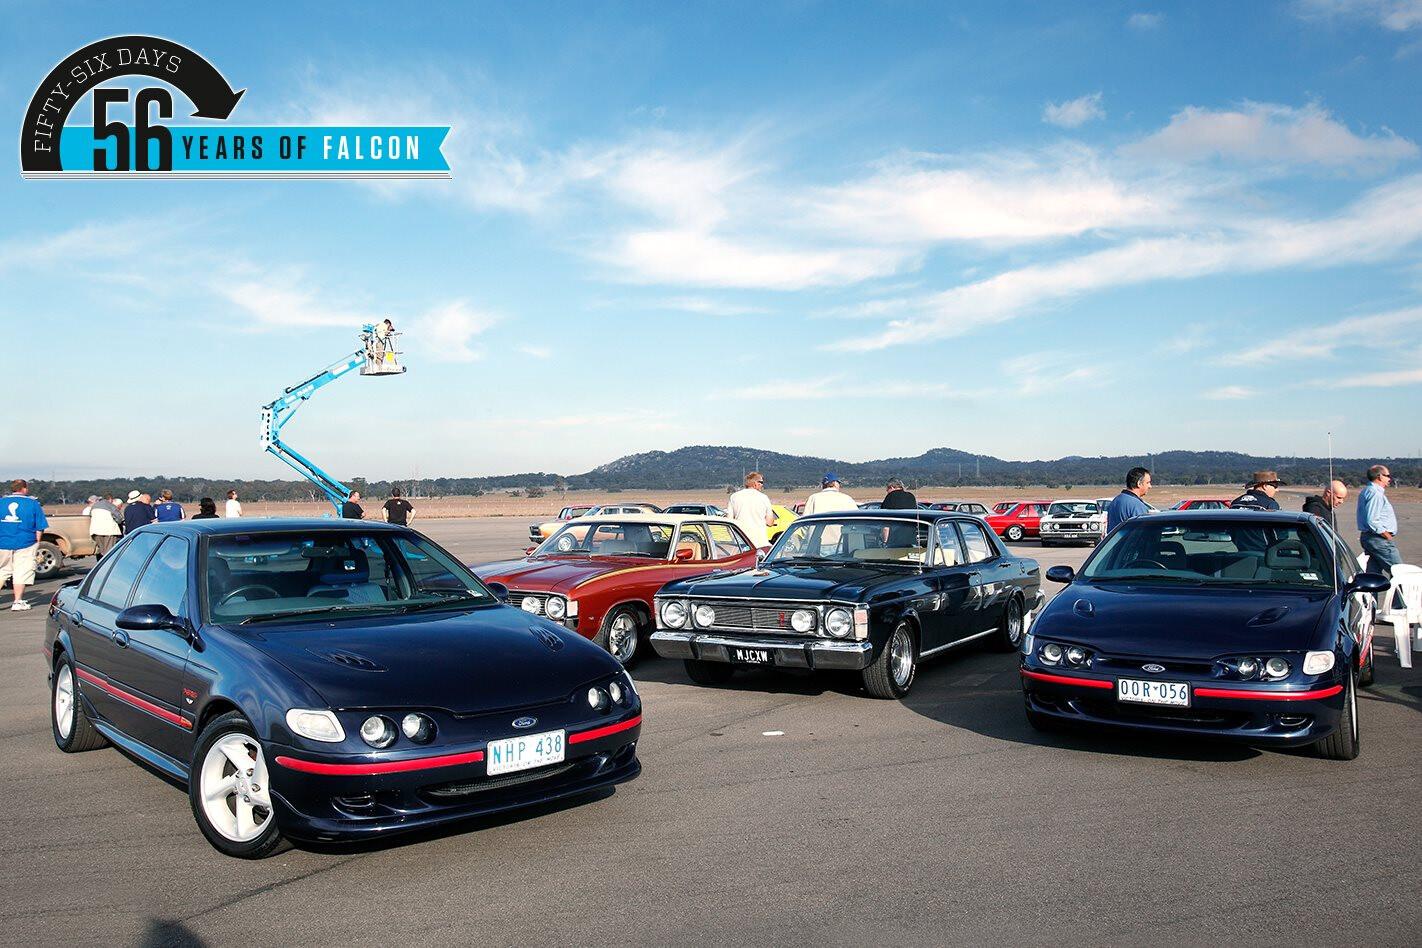 2010 Ford Falcon 50th Anniversary